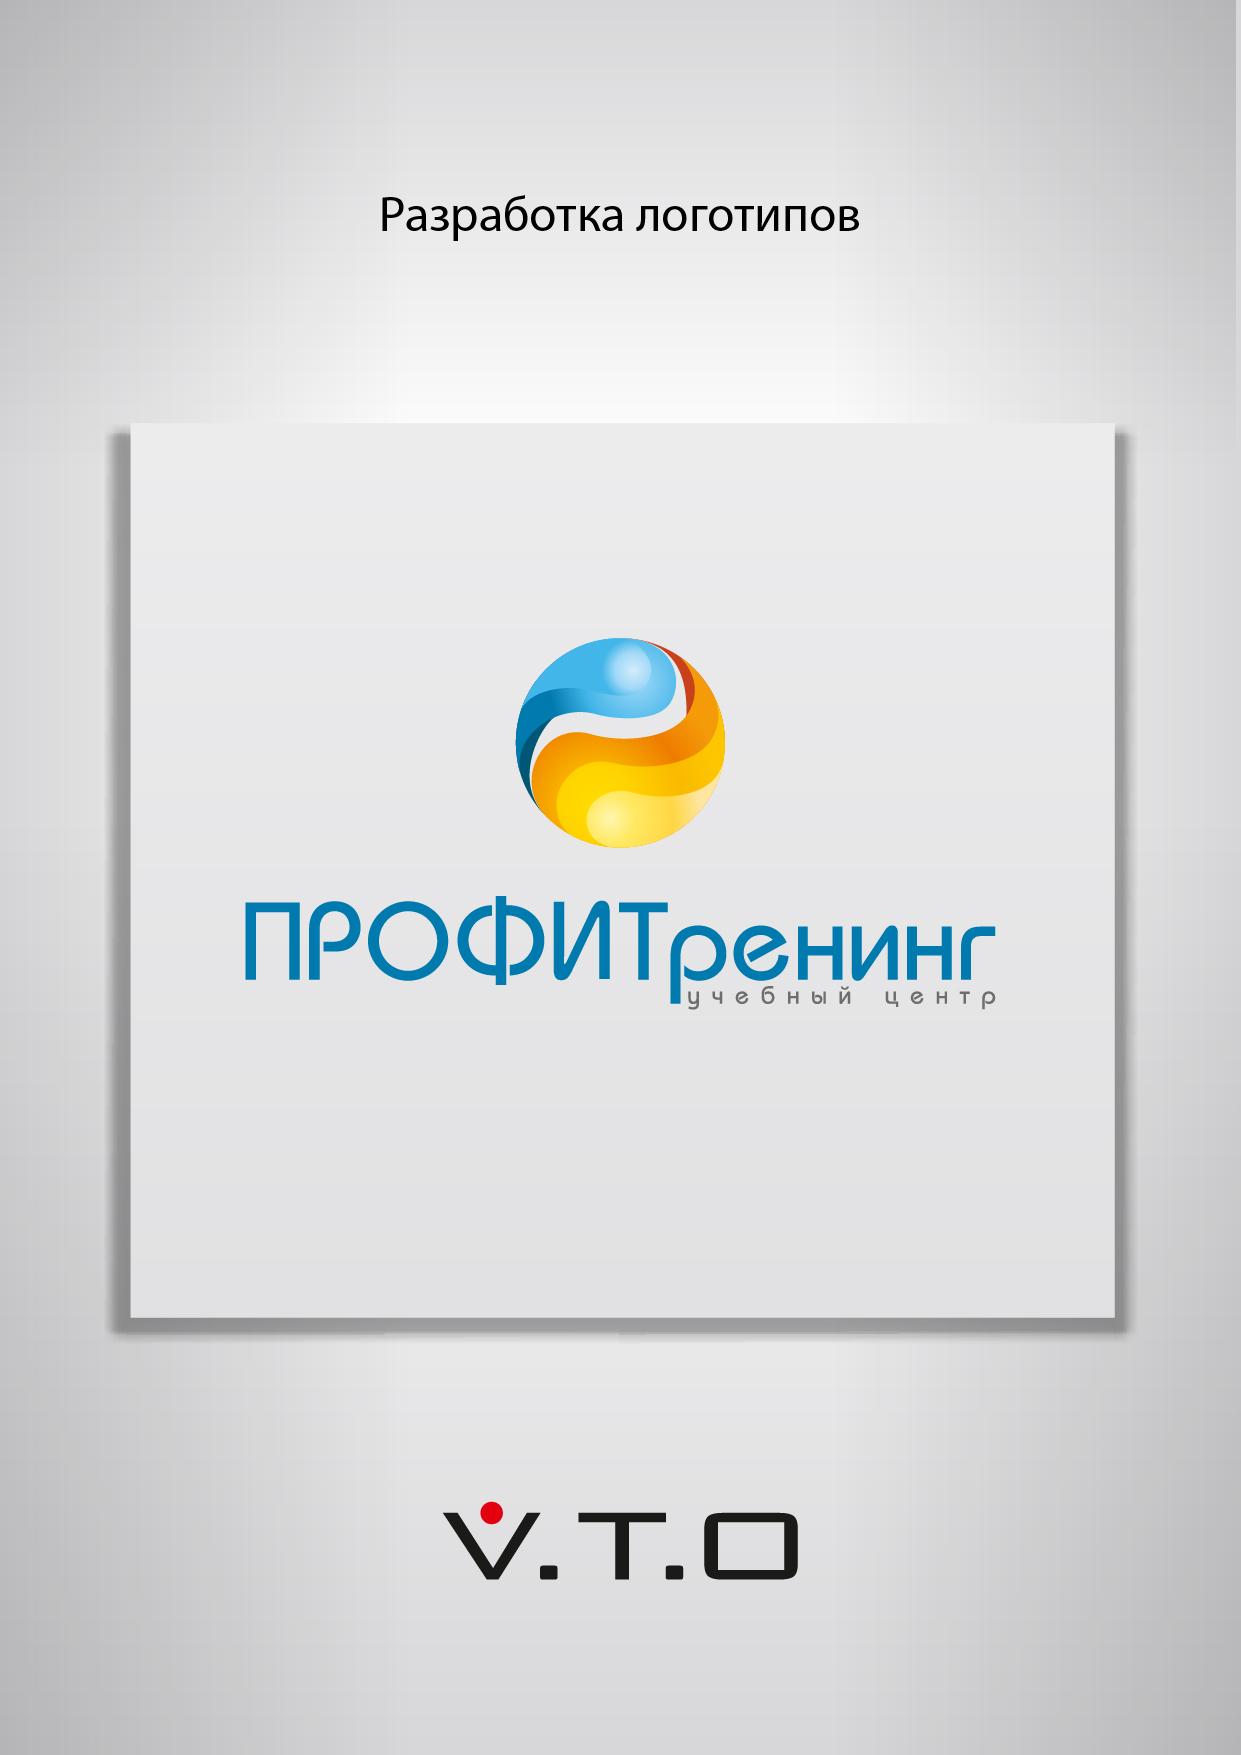 Логотип ПРОФИТренинг